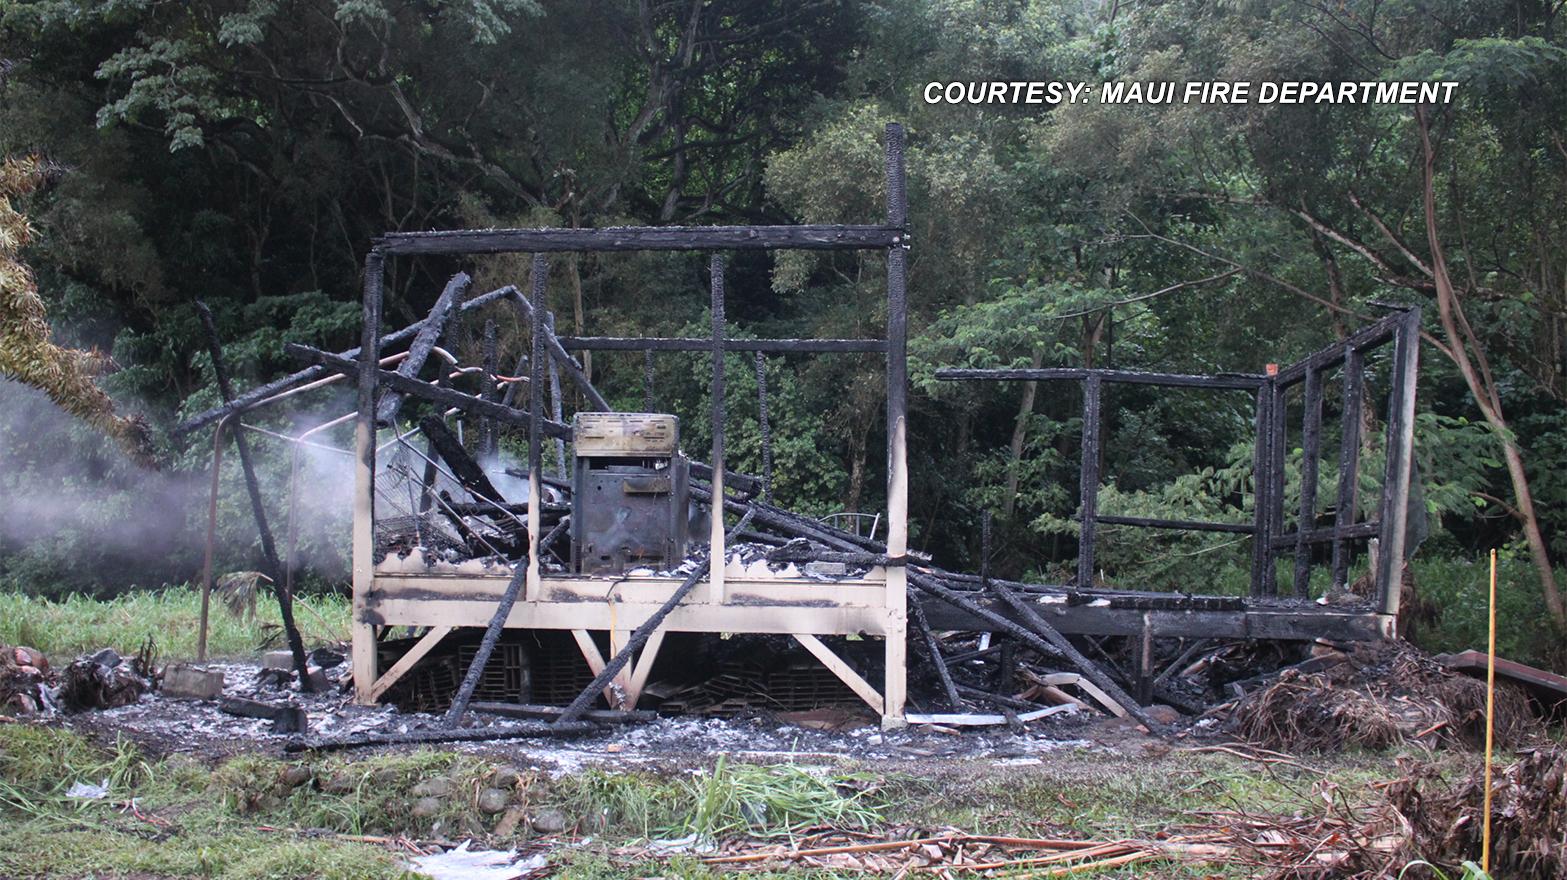 MAUI HONOKOHAU FIRE